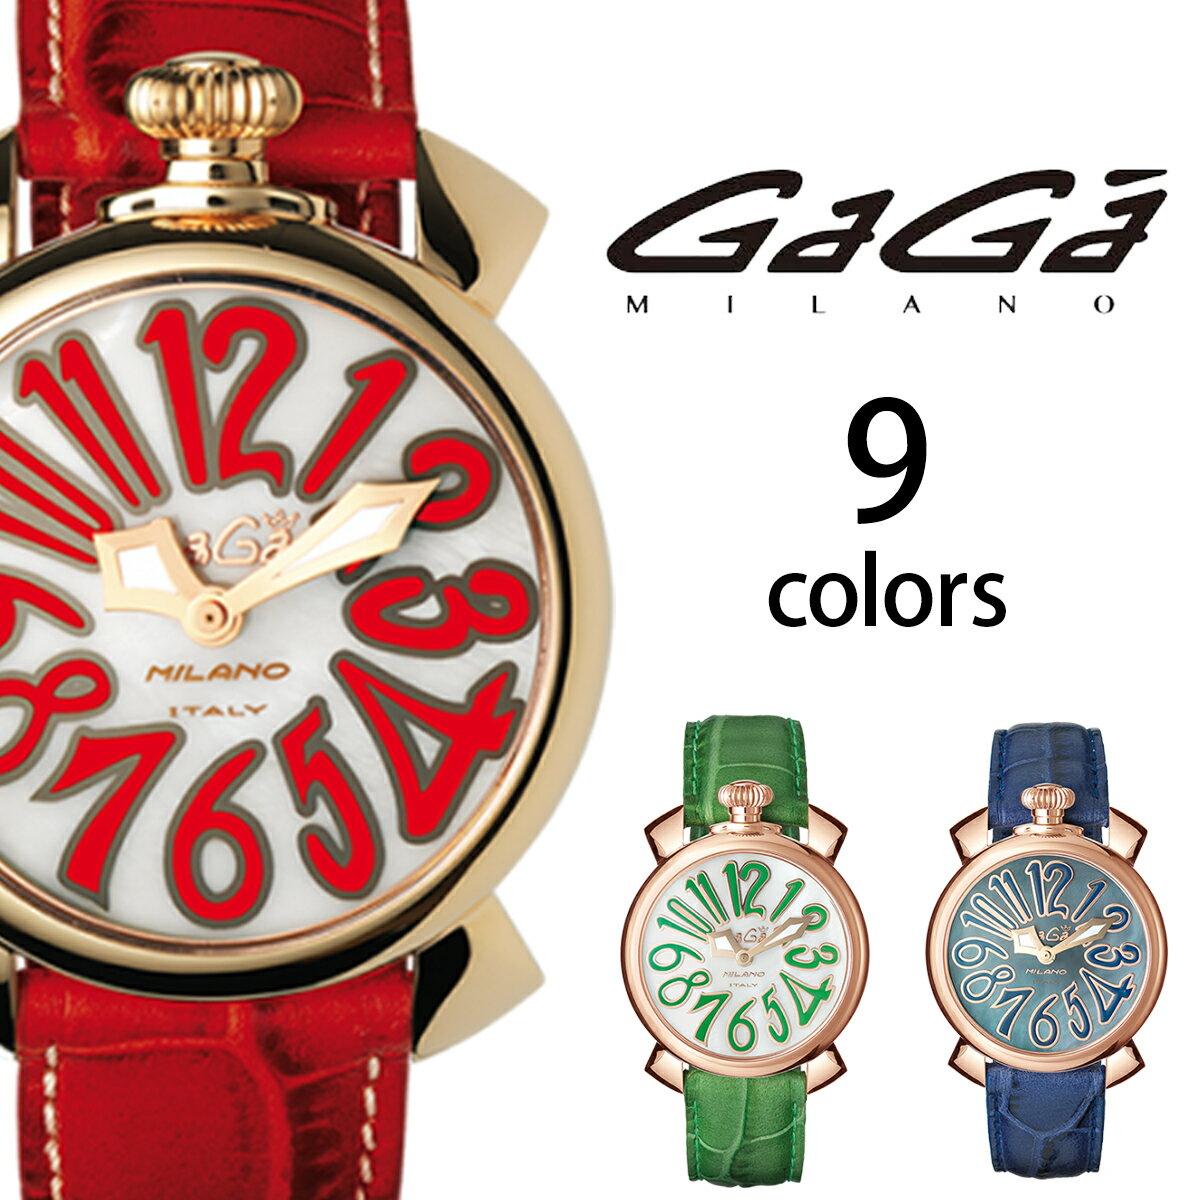 GaGa MILANO ガガミラノ マヌアーレ 40mm 5021シリーズ メンズ レディース 時計 腕時計 プレゼント ギフト 贈り物[あす楽]